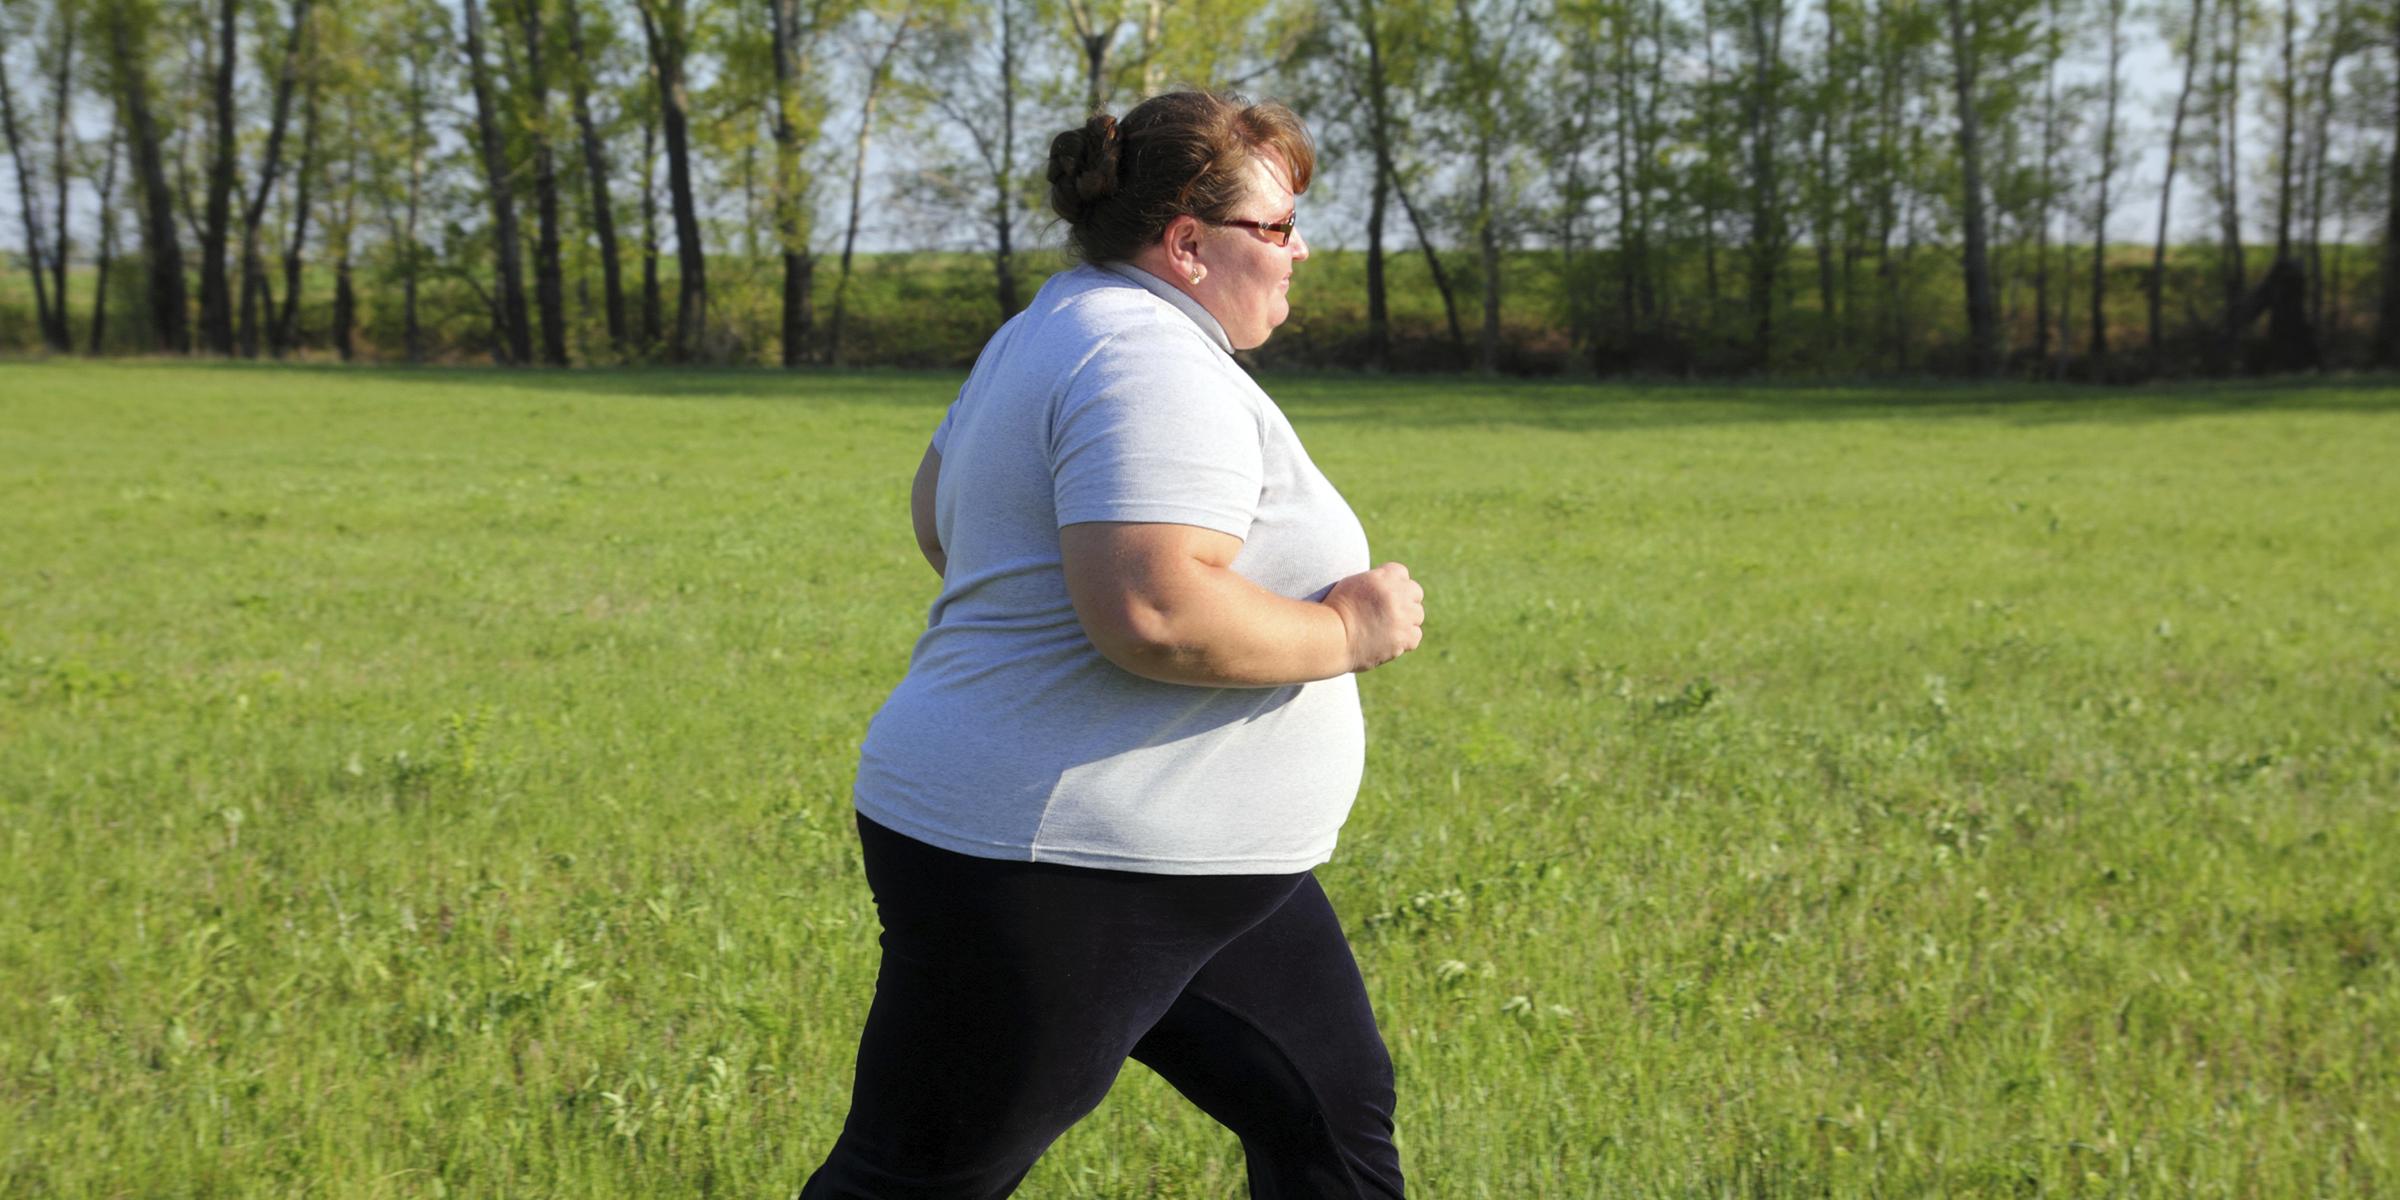 Futás kezdőknek - Egészség | Femina